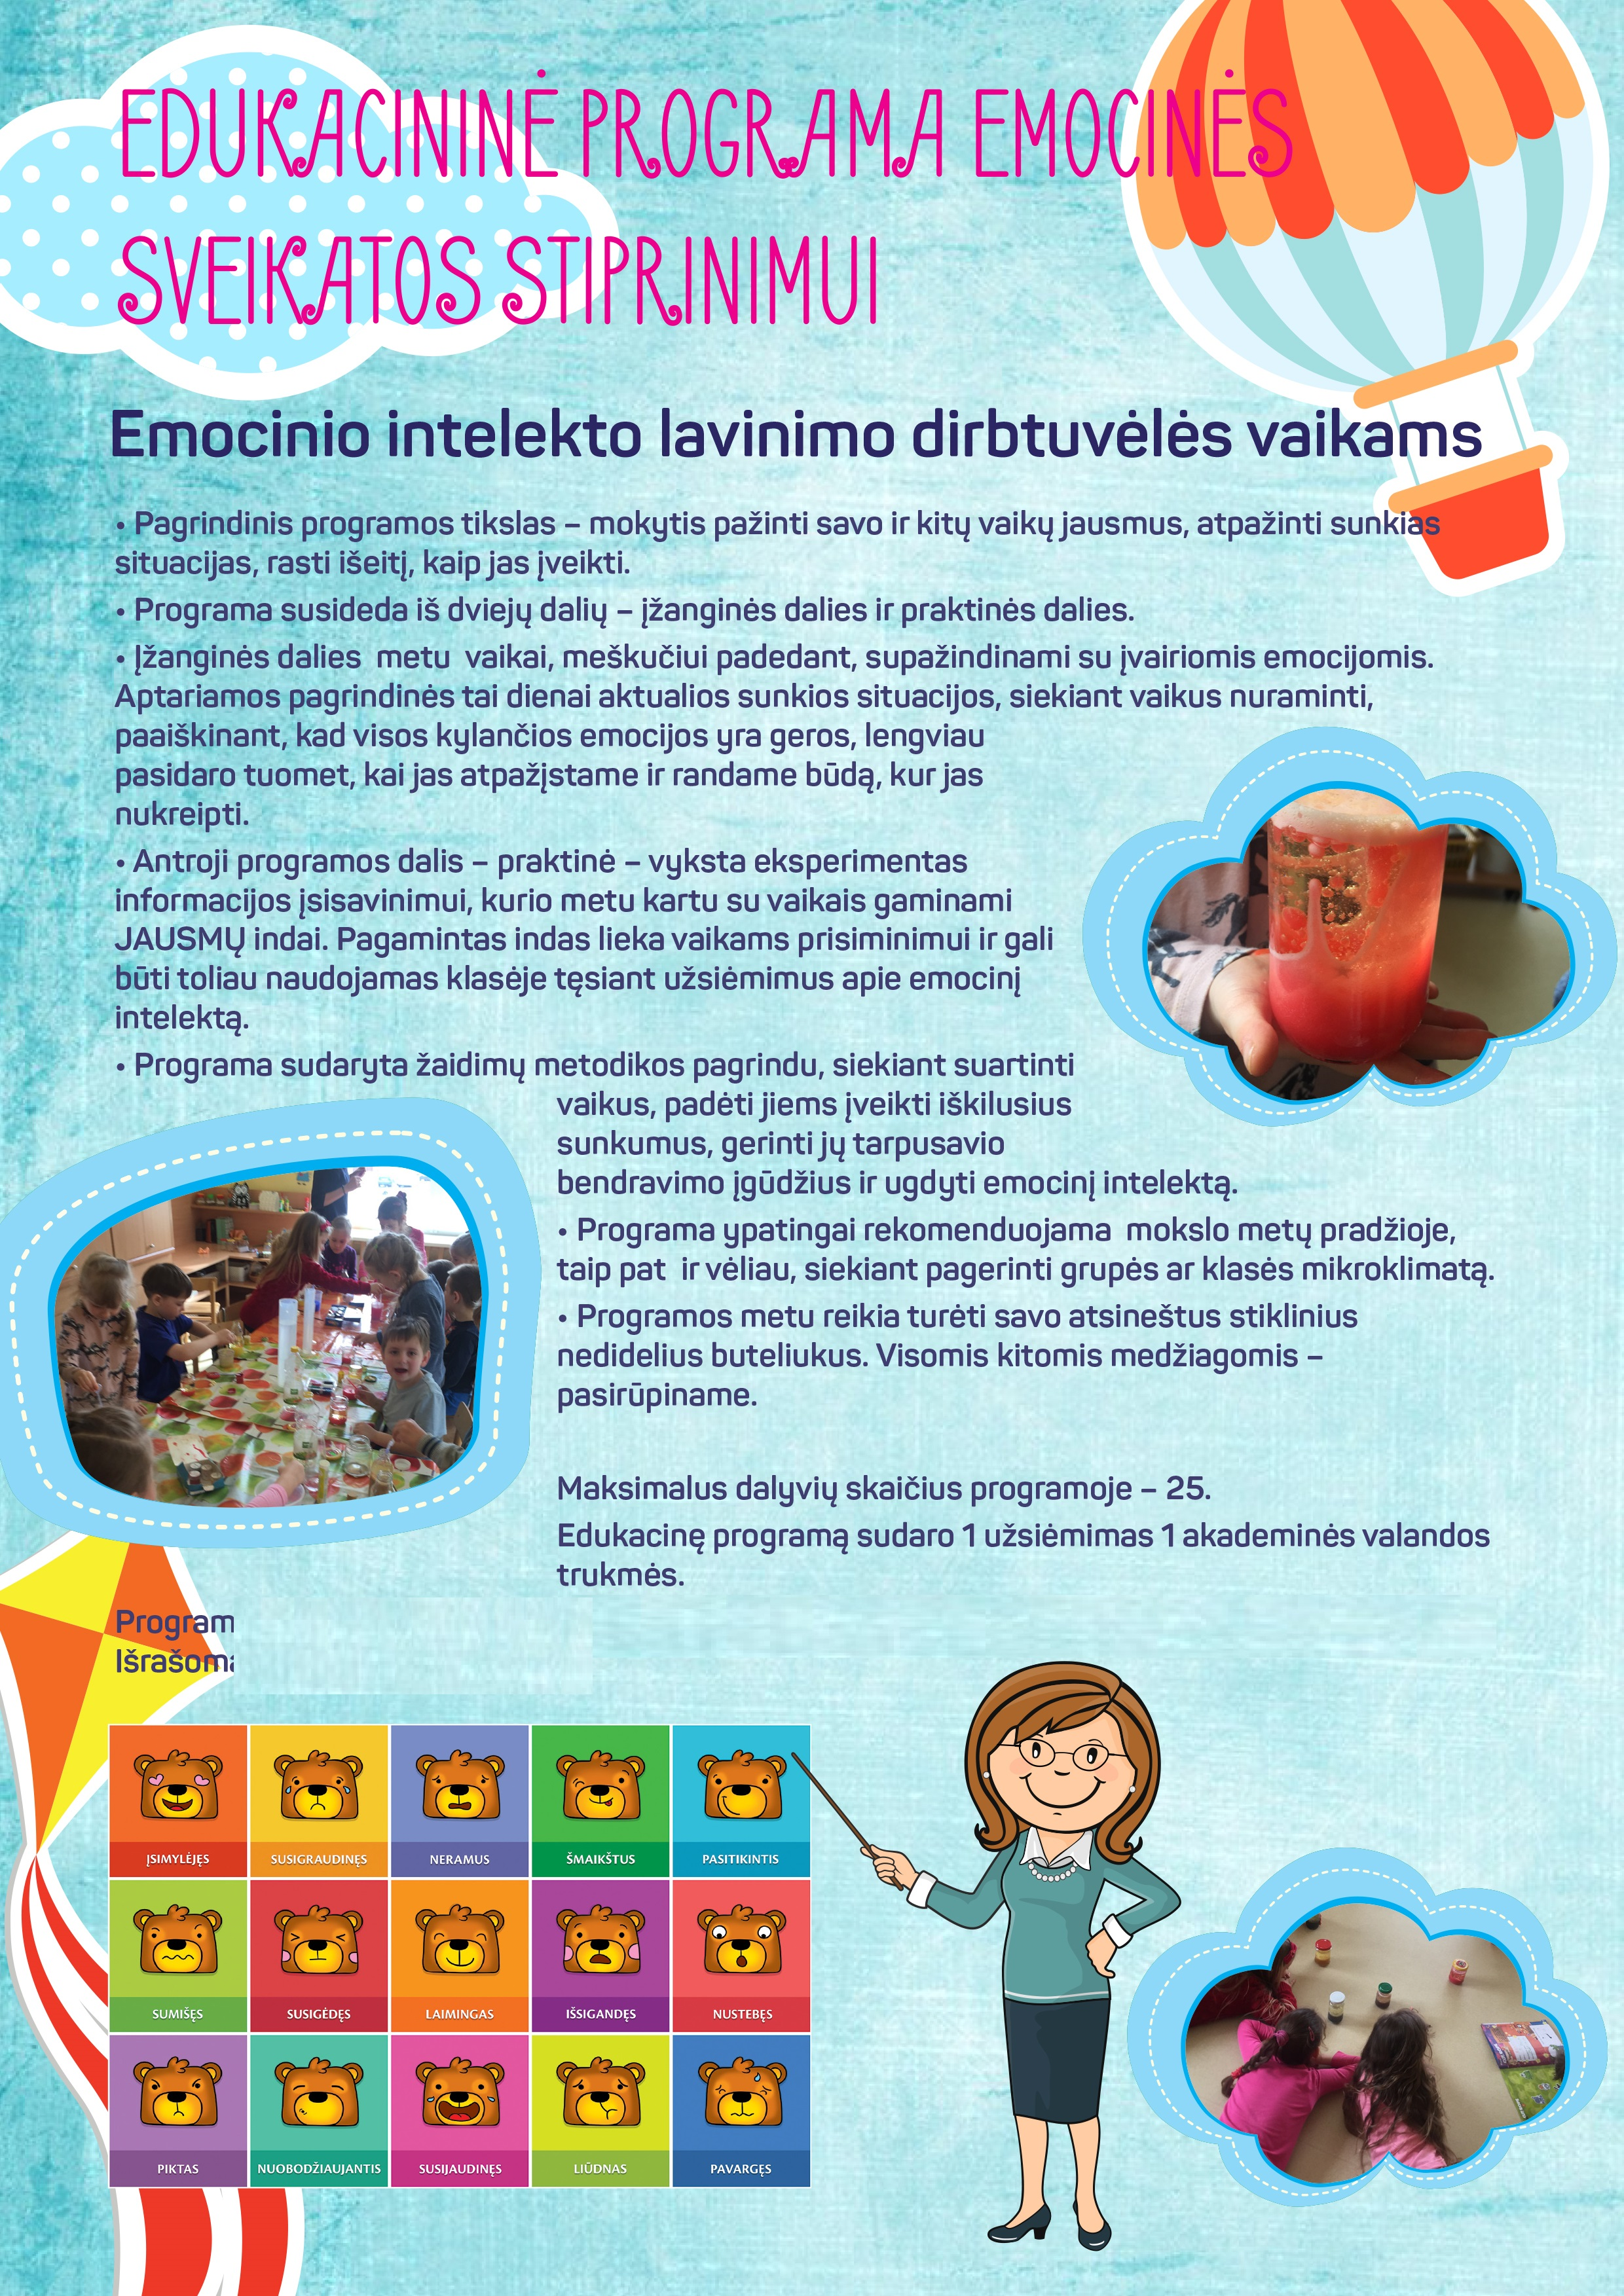 Edukacija vaikų emocinės sveikatos stiprinimui